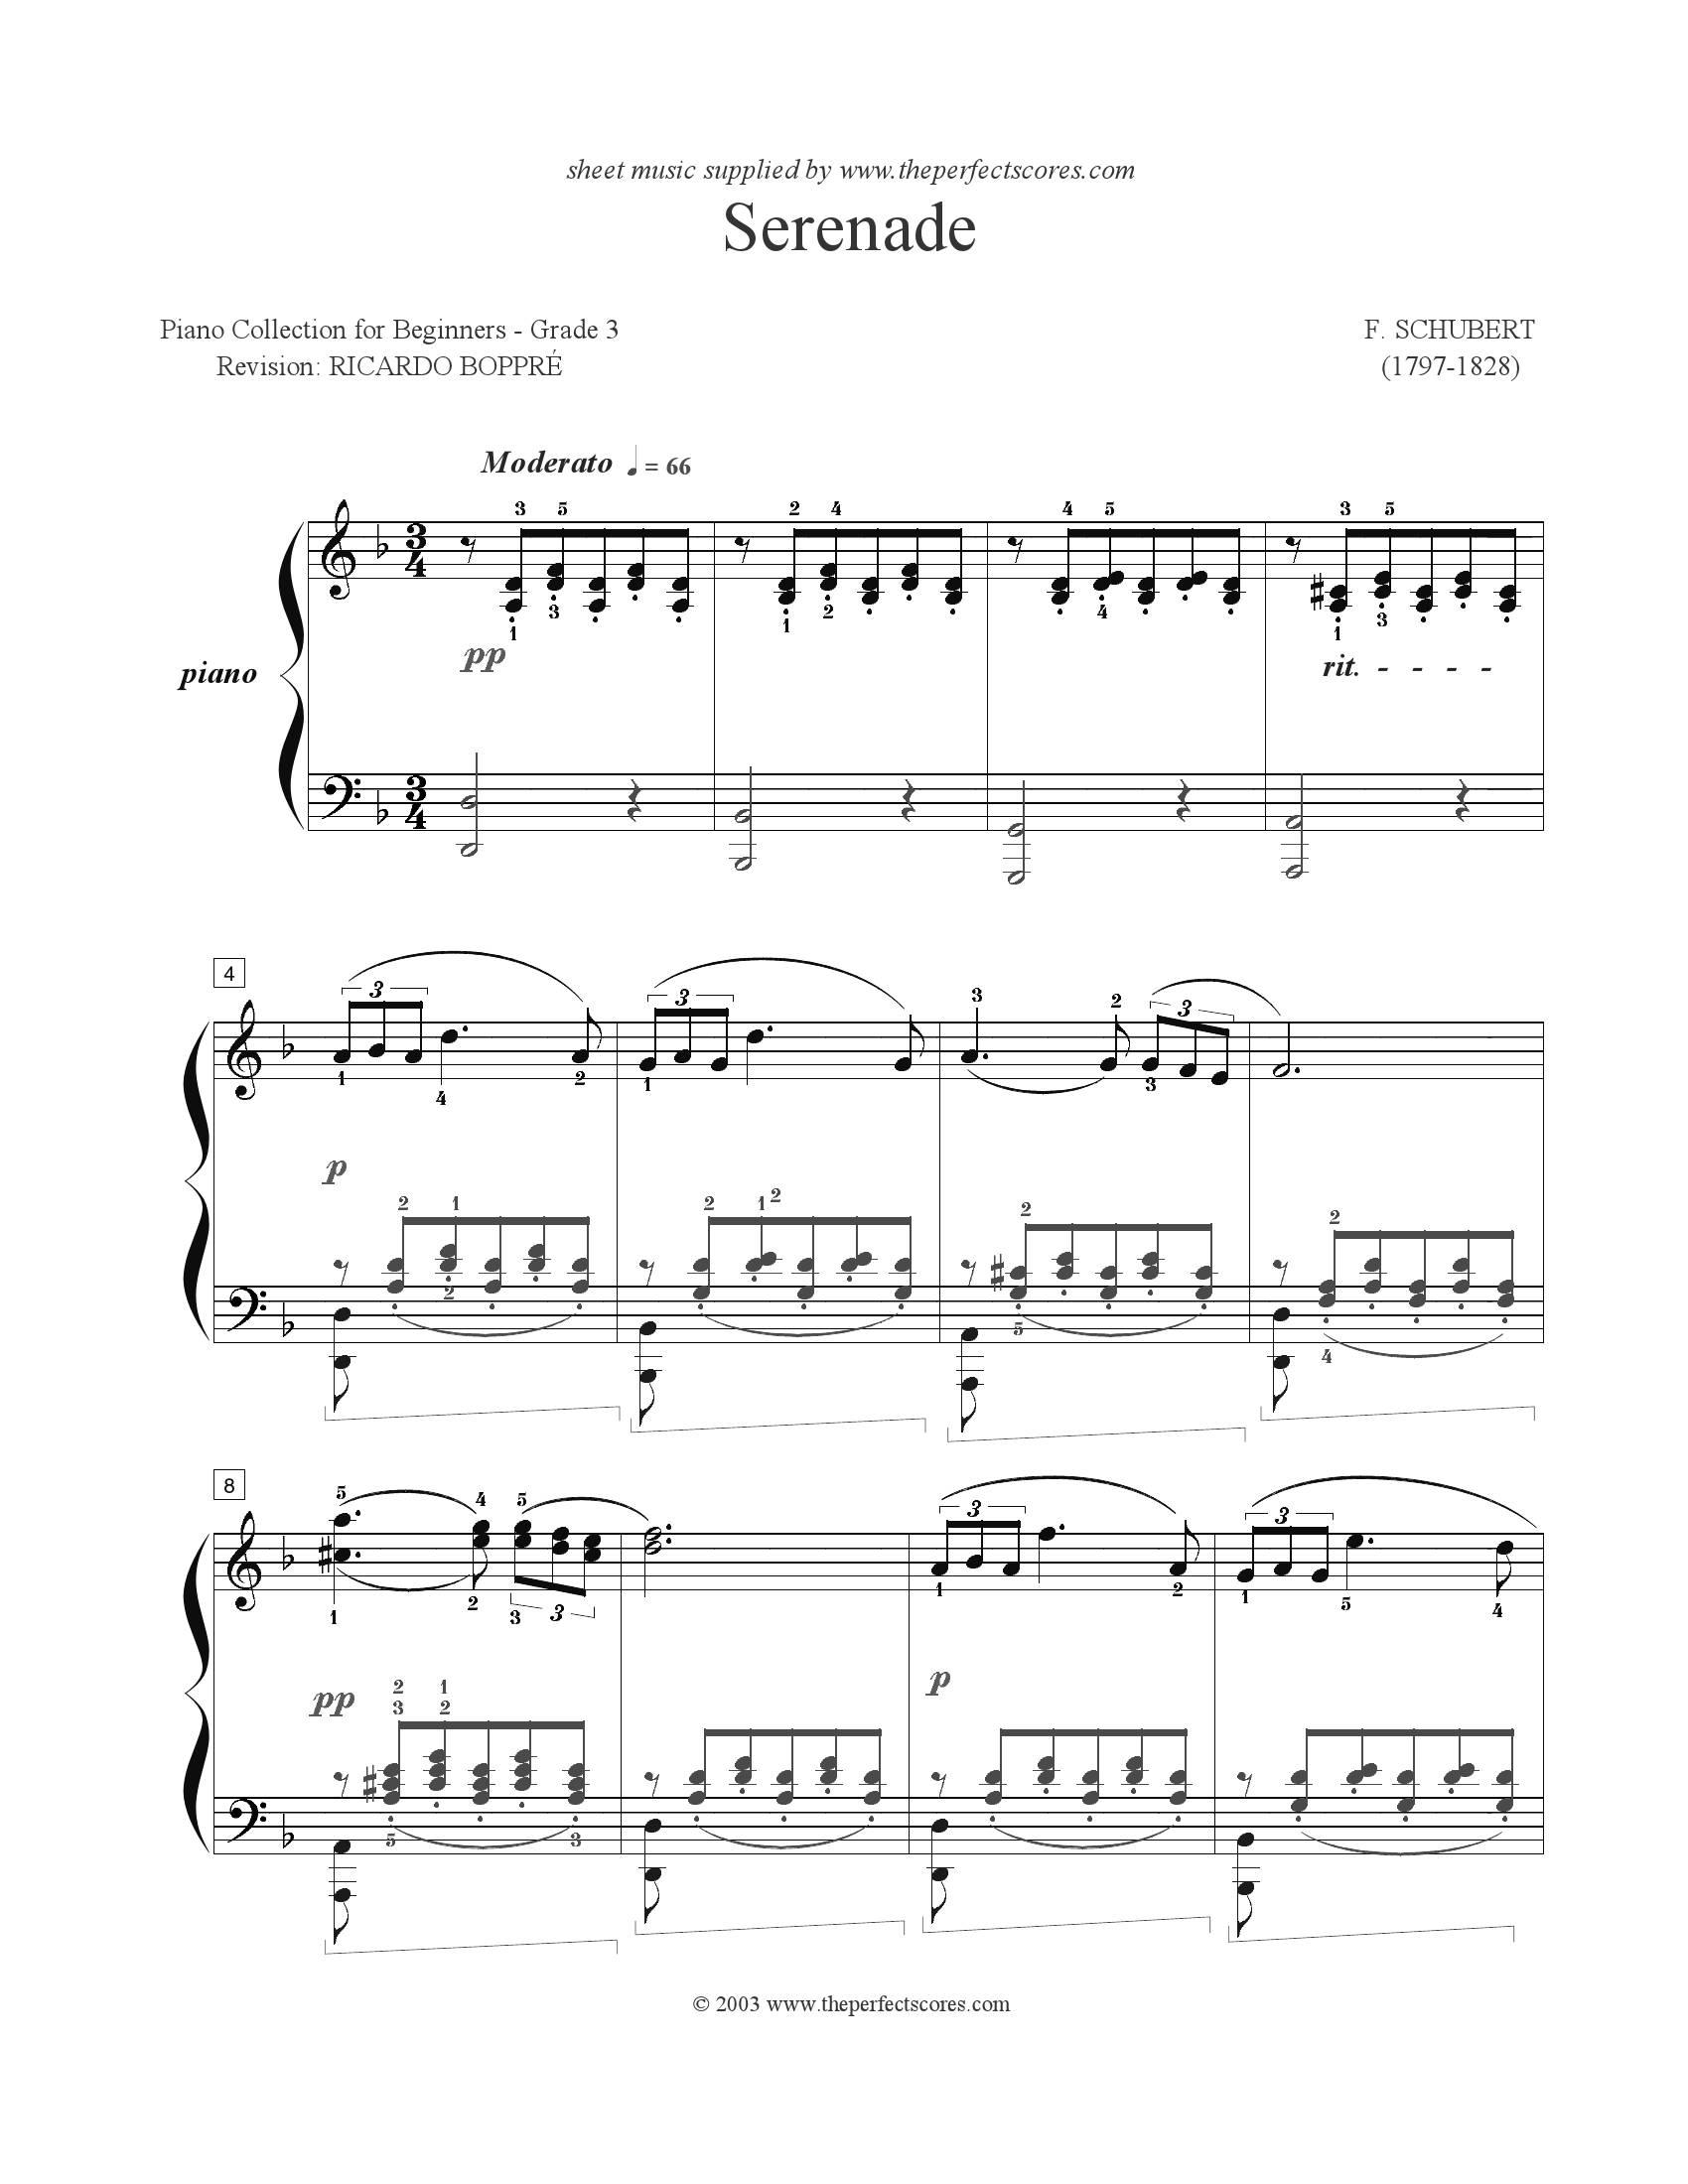 Schubert Serenade1 - نت آهنگ Serenade از Schubert